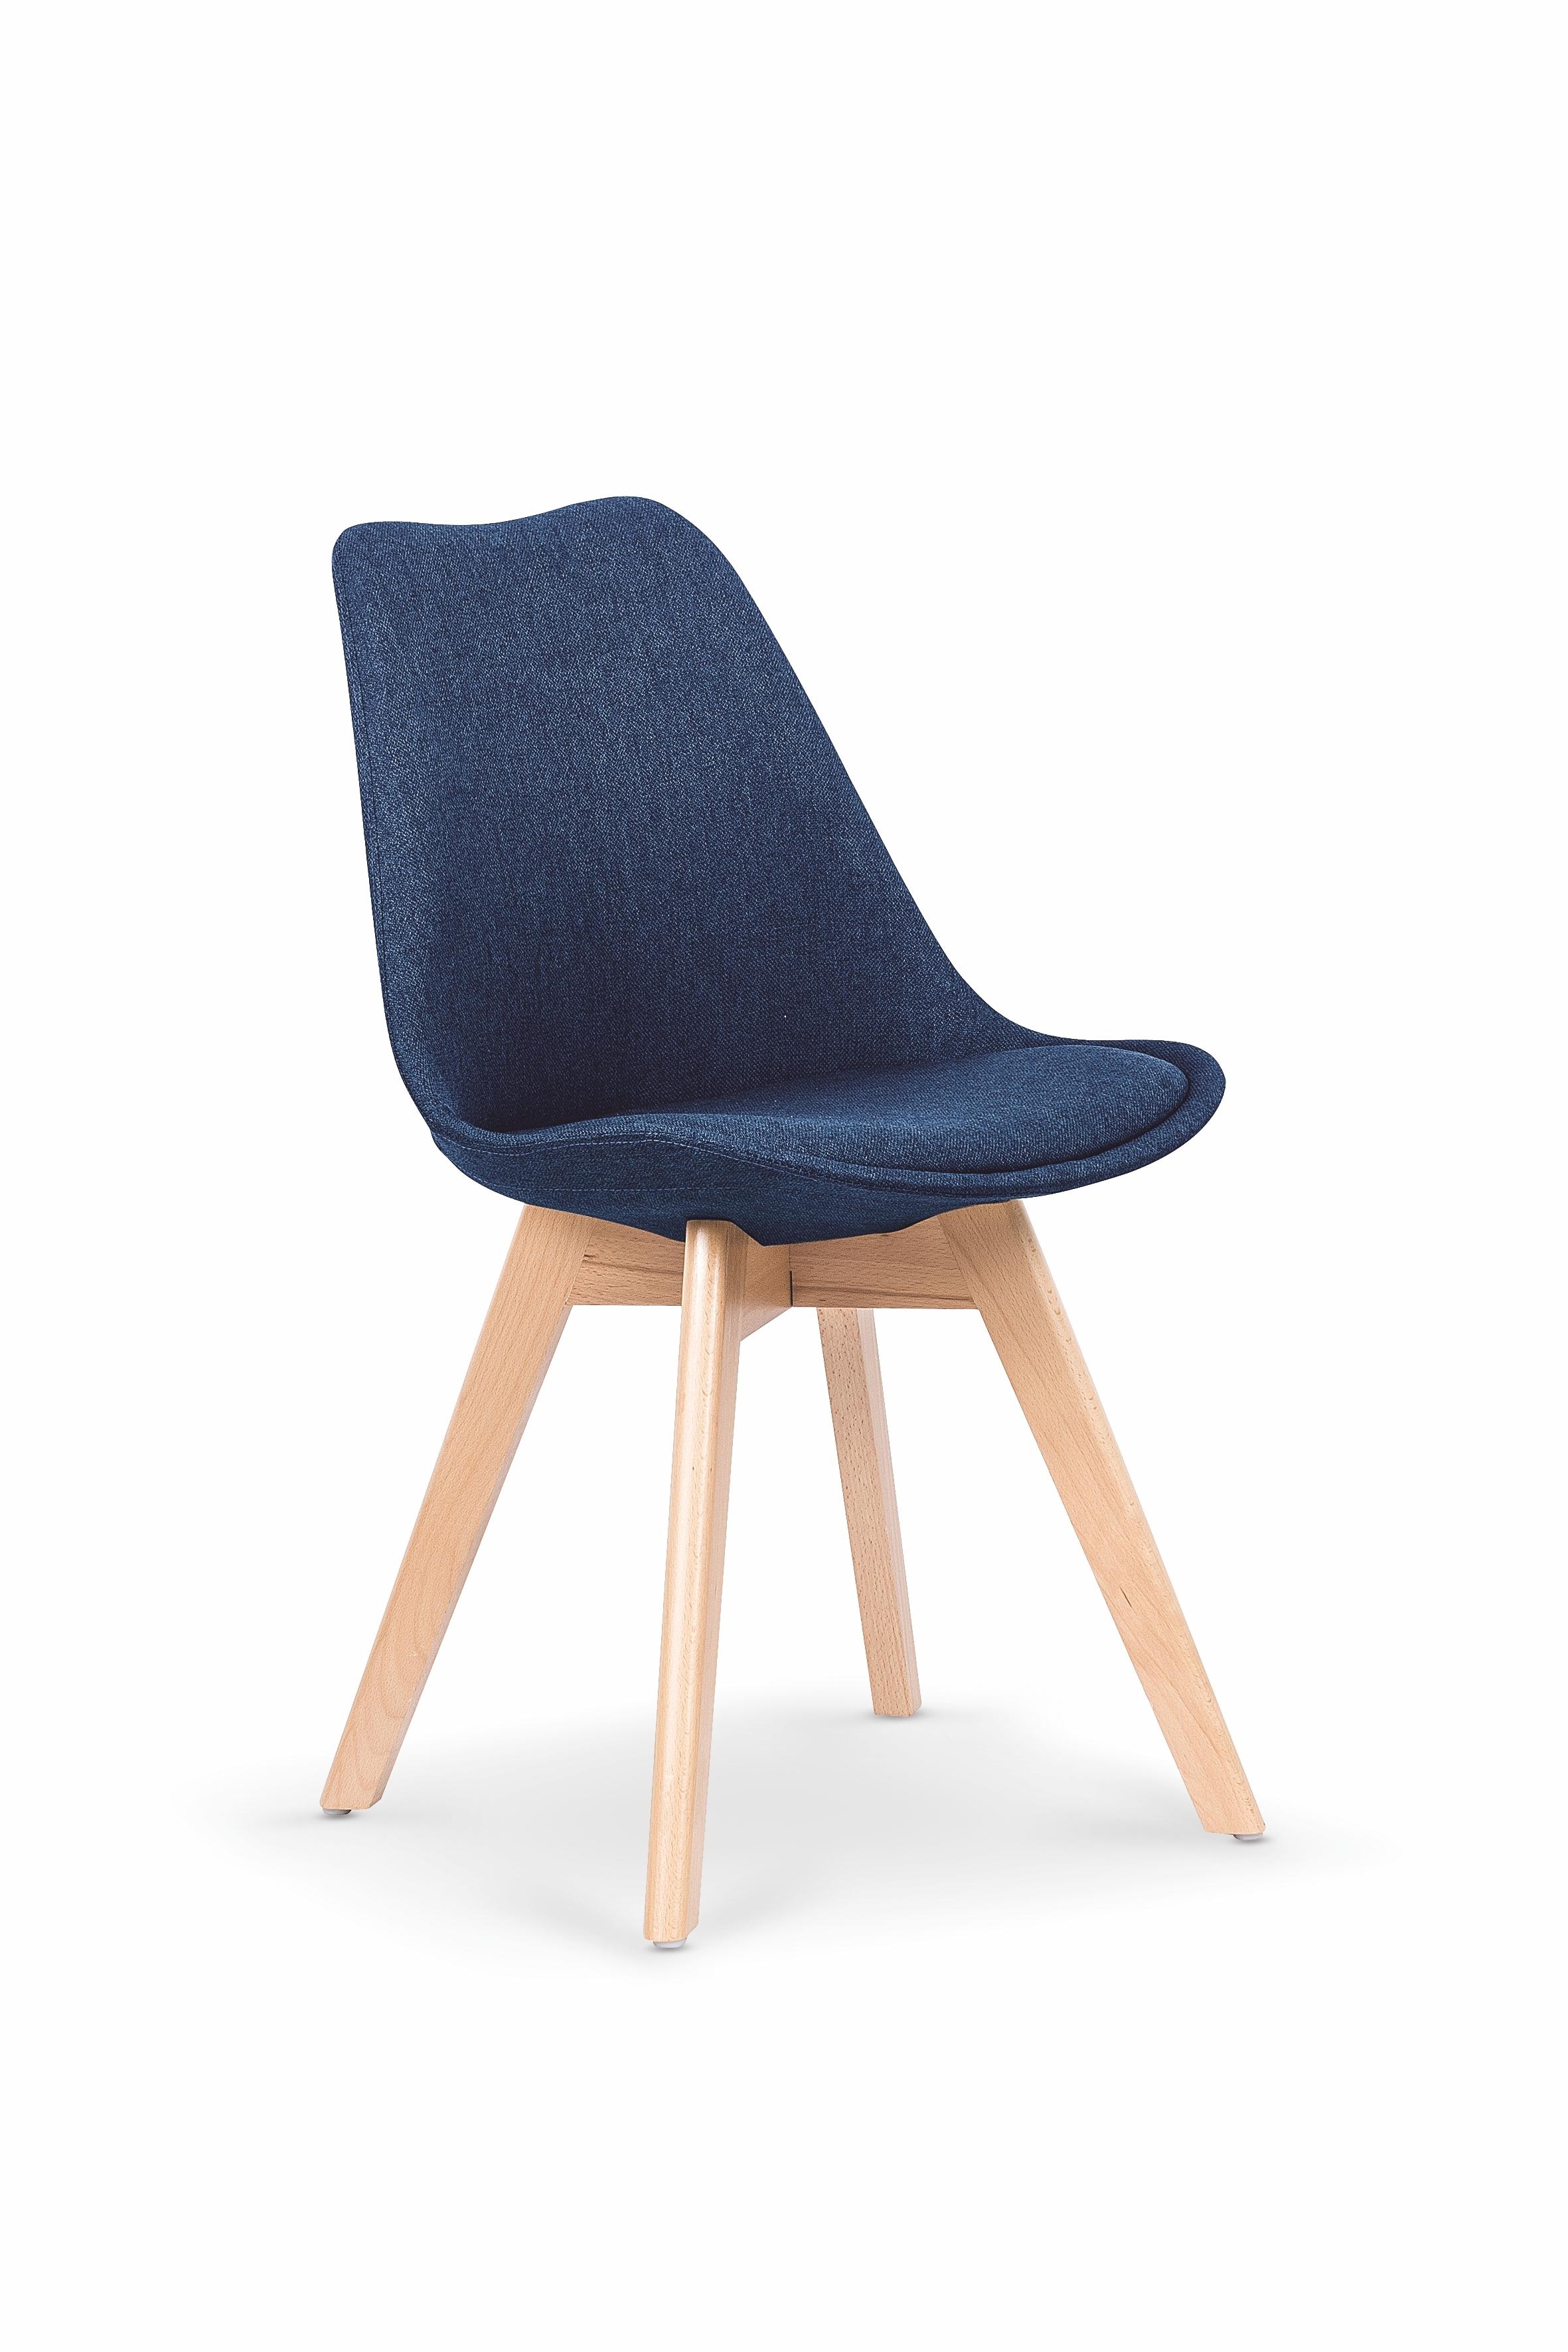 Scaun tapitat cu stofa, cu picioare din lemn K303 Dark Blue, l48xA54xH83 cm